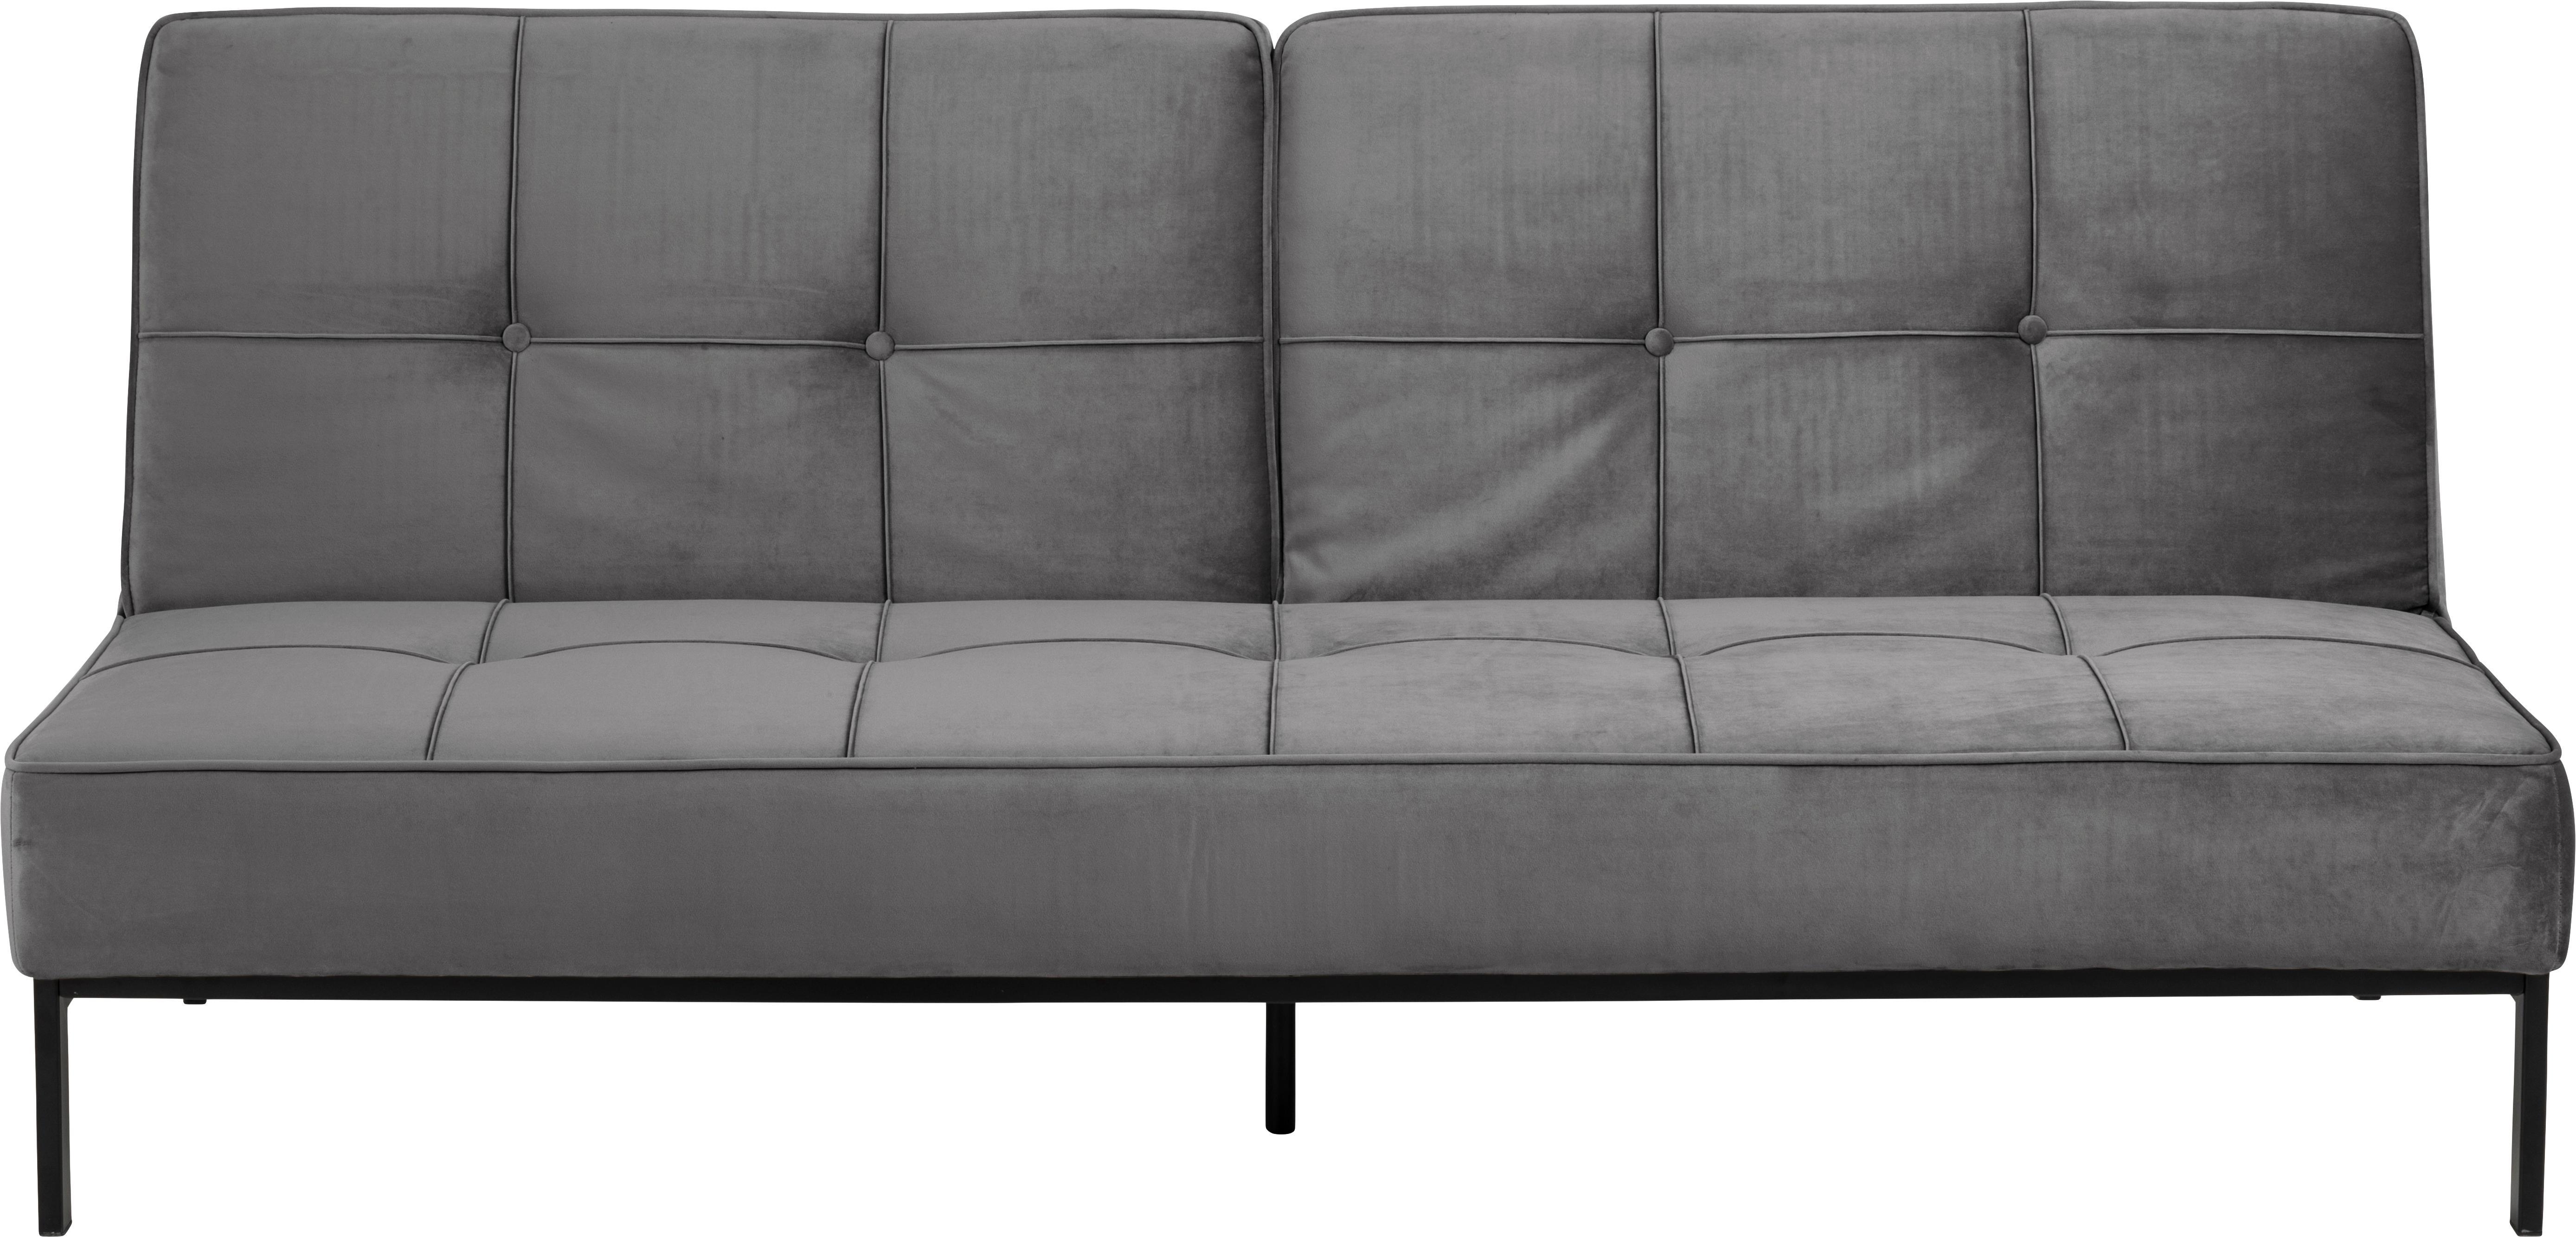 Sofa rozkładana z aksamitu Perugia (2-osobowa), Tapicerka: aksamit poliestrowy 2500, Nogi: metal lakierowany, Aksamitny ciemny szary, S 198 x G 95 cm